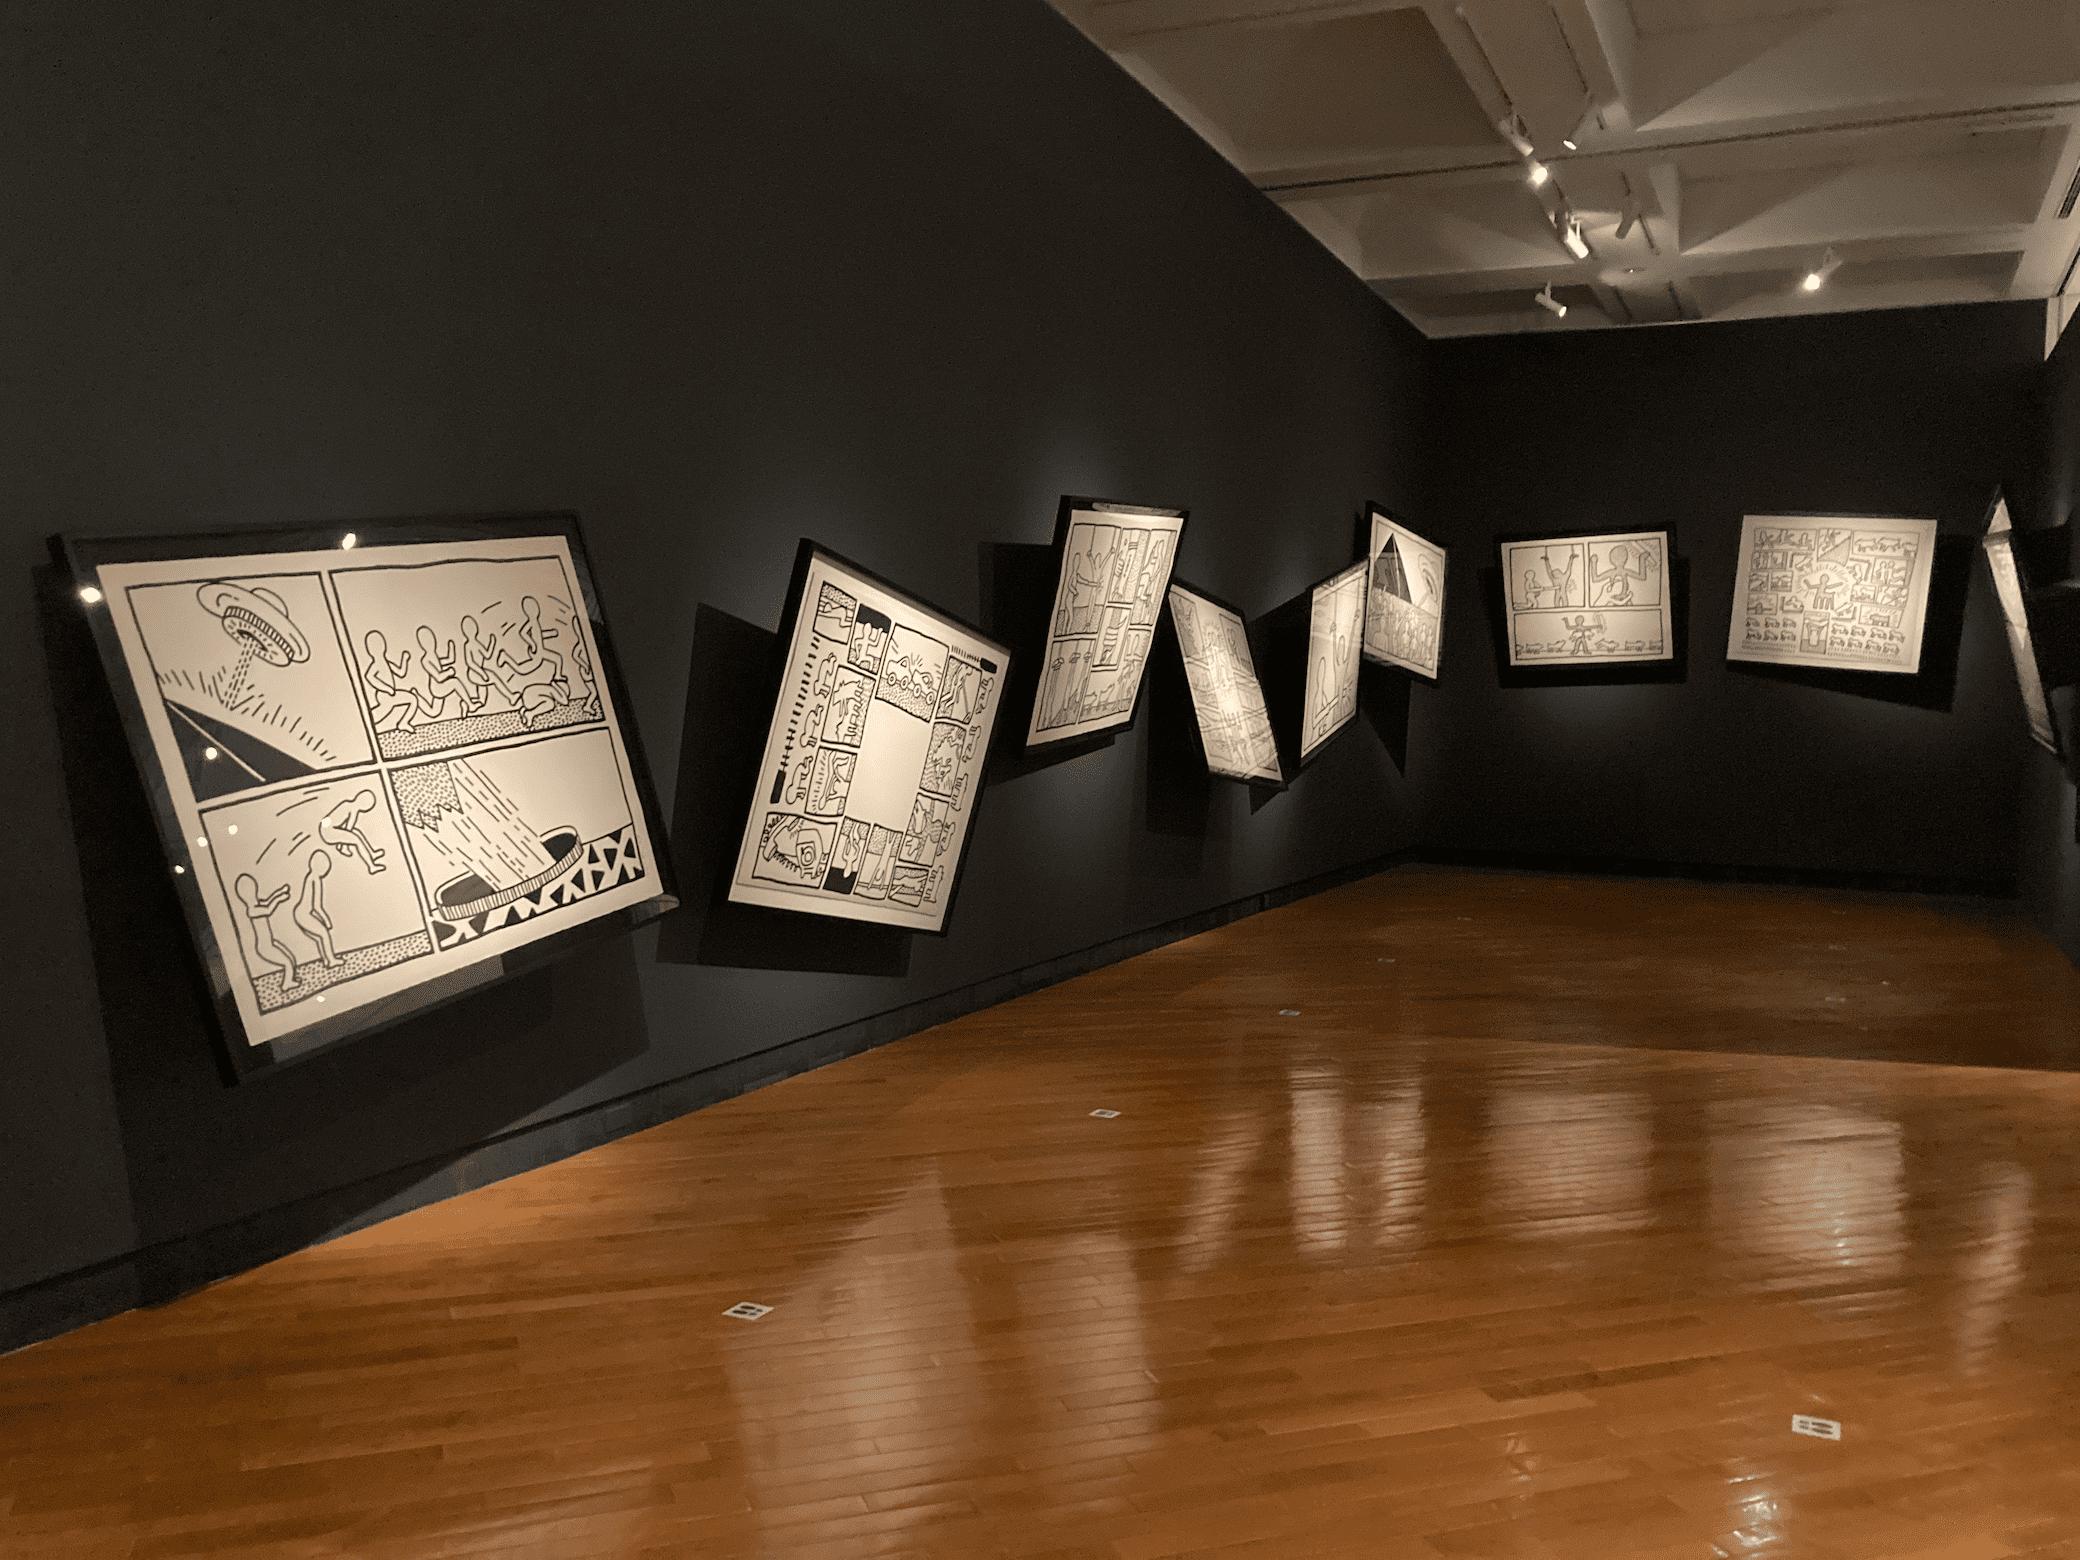 アート×コミュニケーション=キース・へリング展の会場